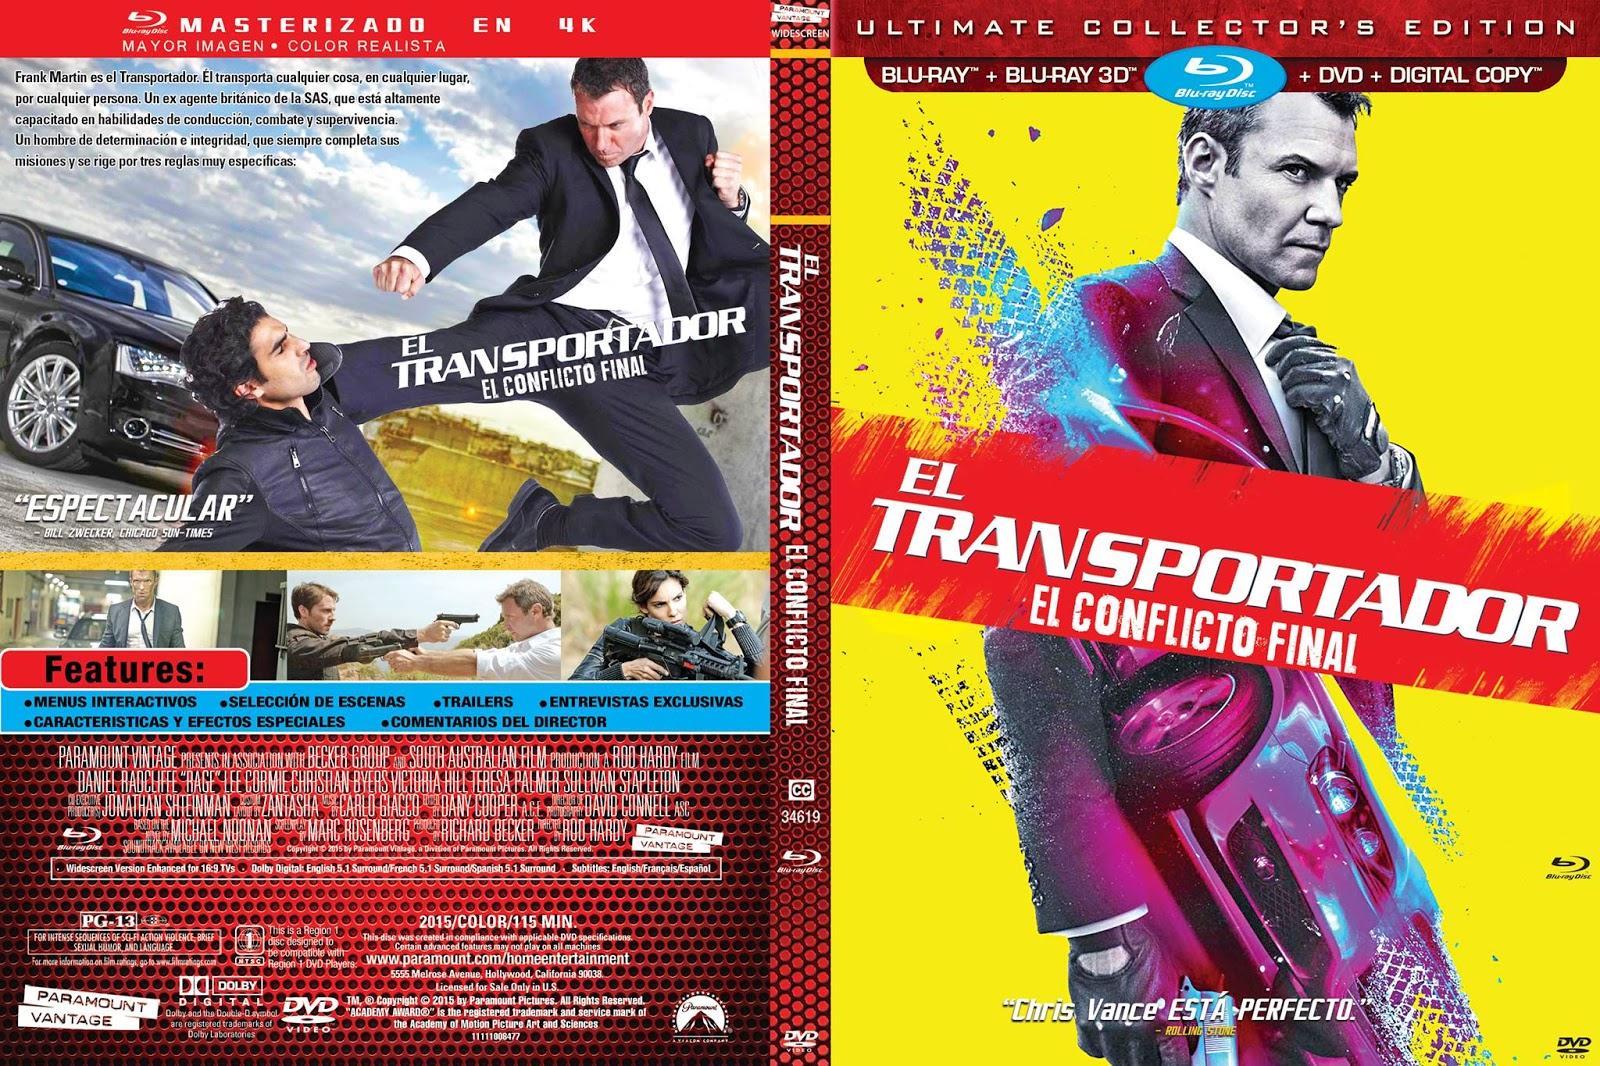 el transportador el conflicto final dvd archivos  💲🥇